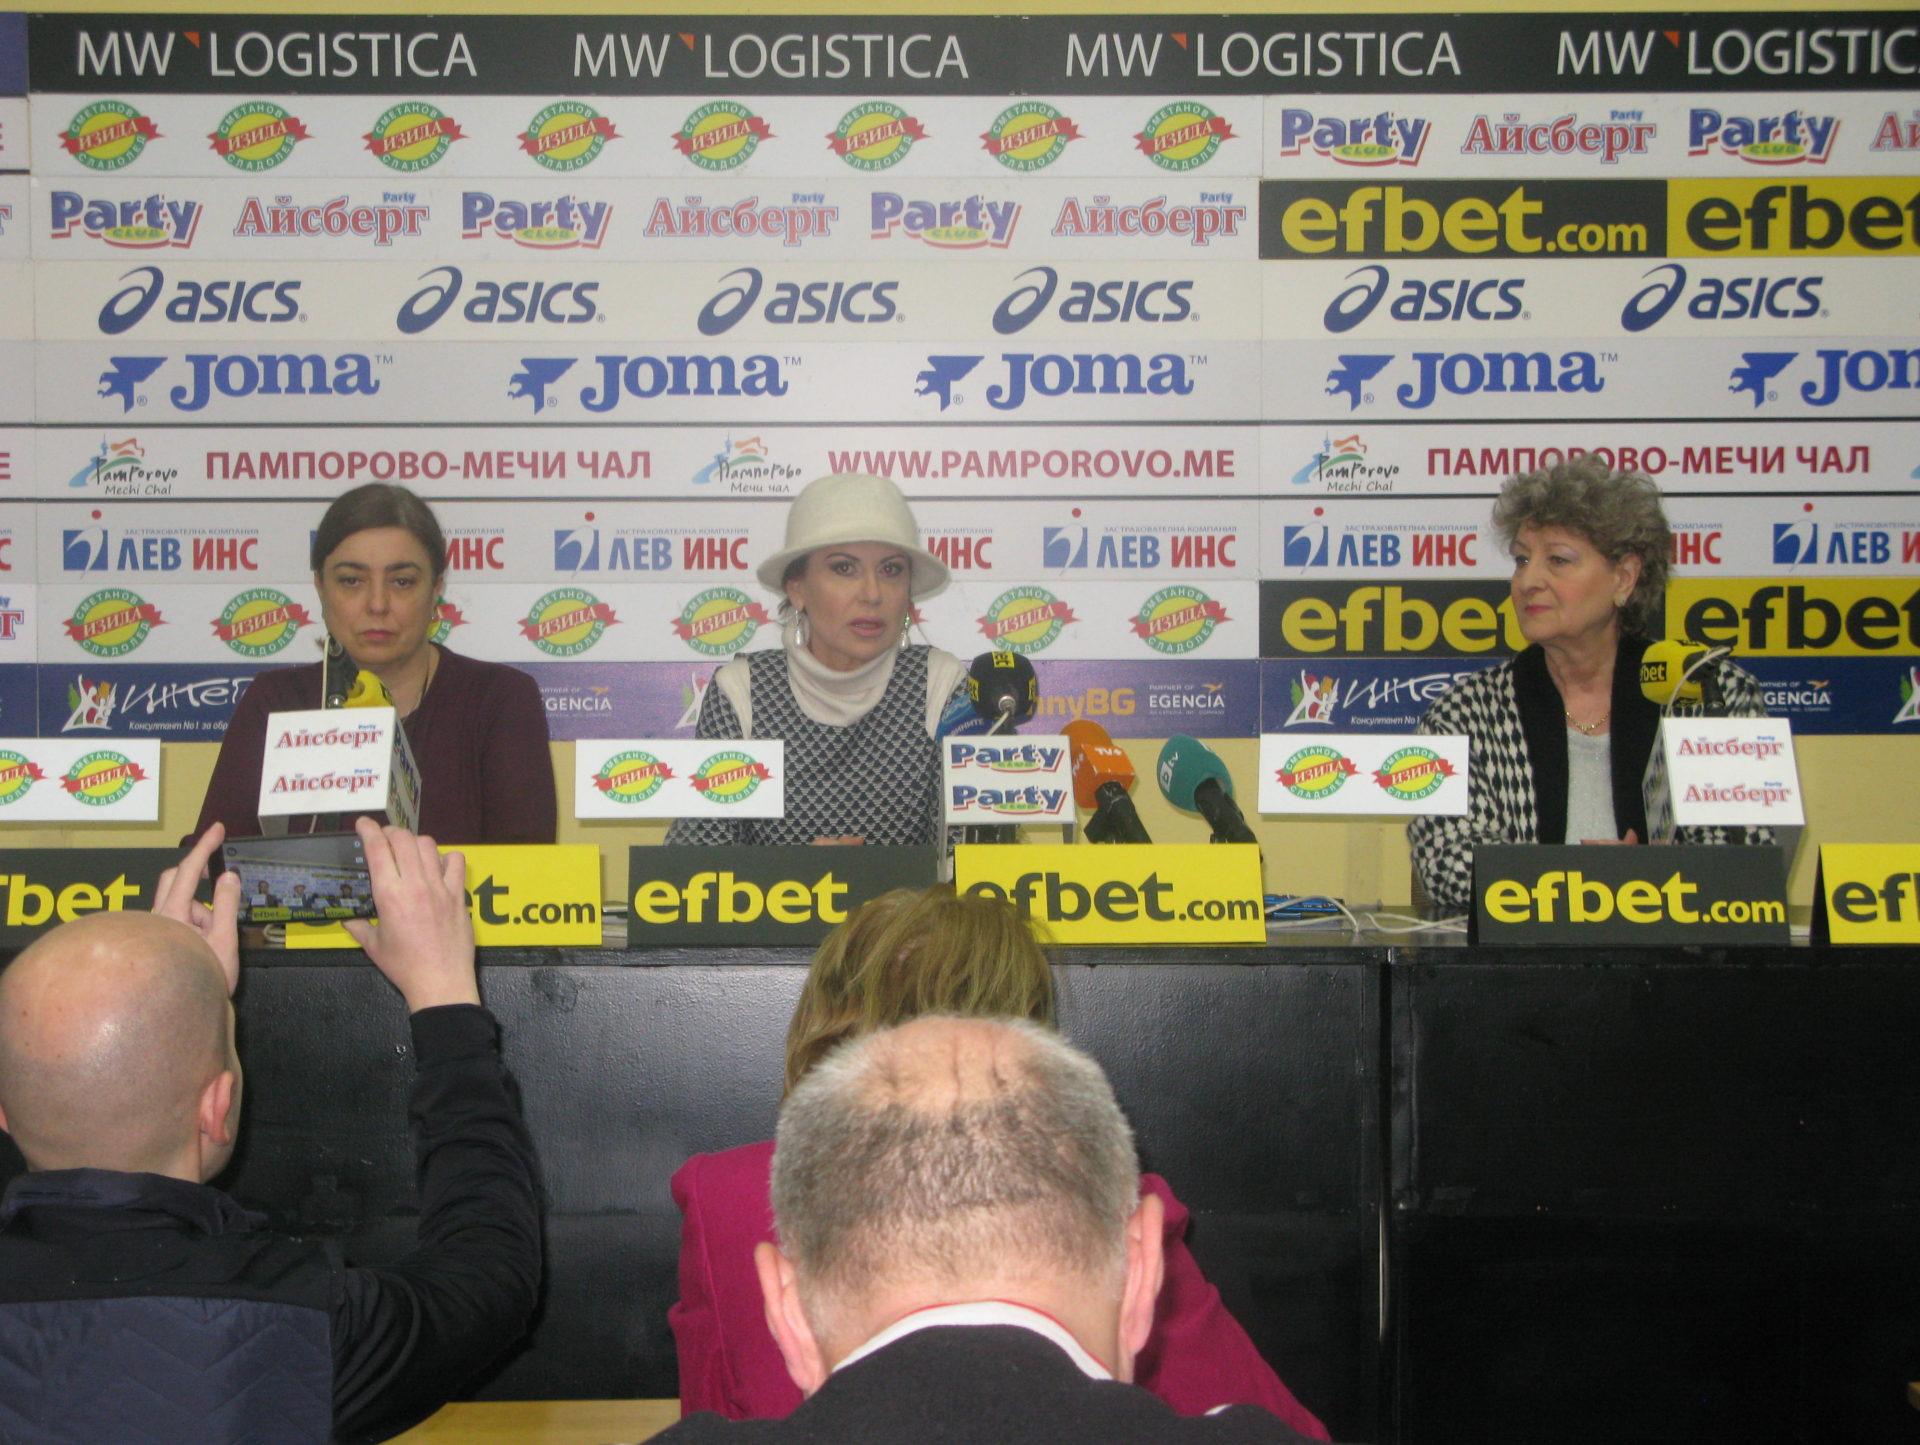 Топ грациите в света накуп в София, напливът е рекорден